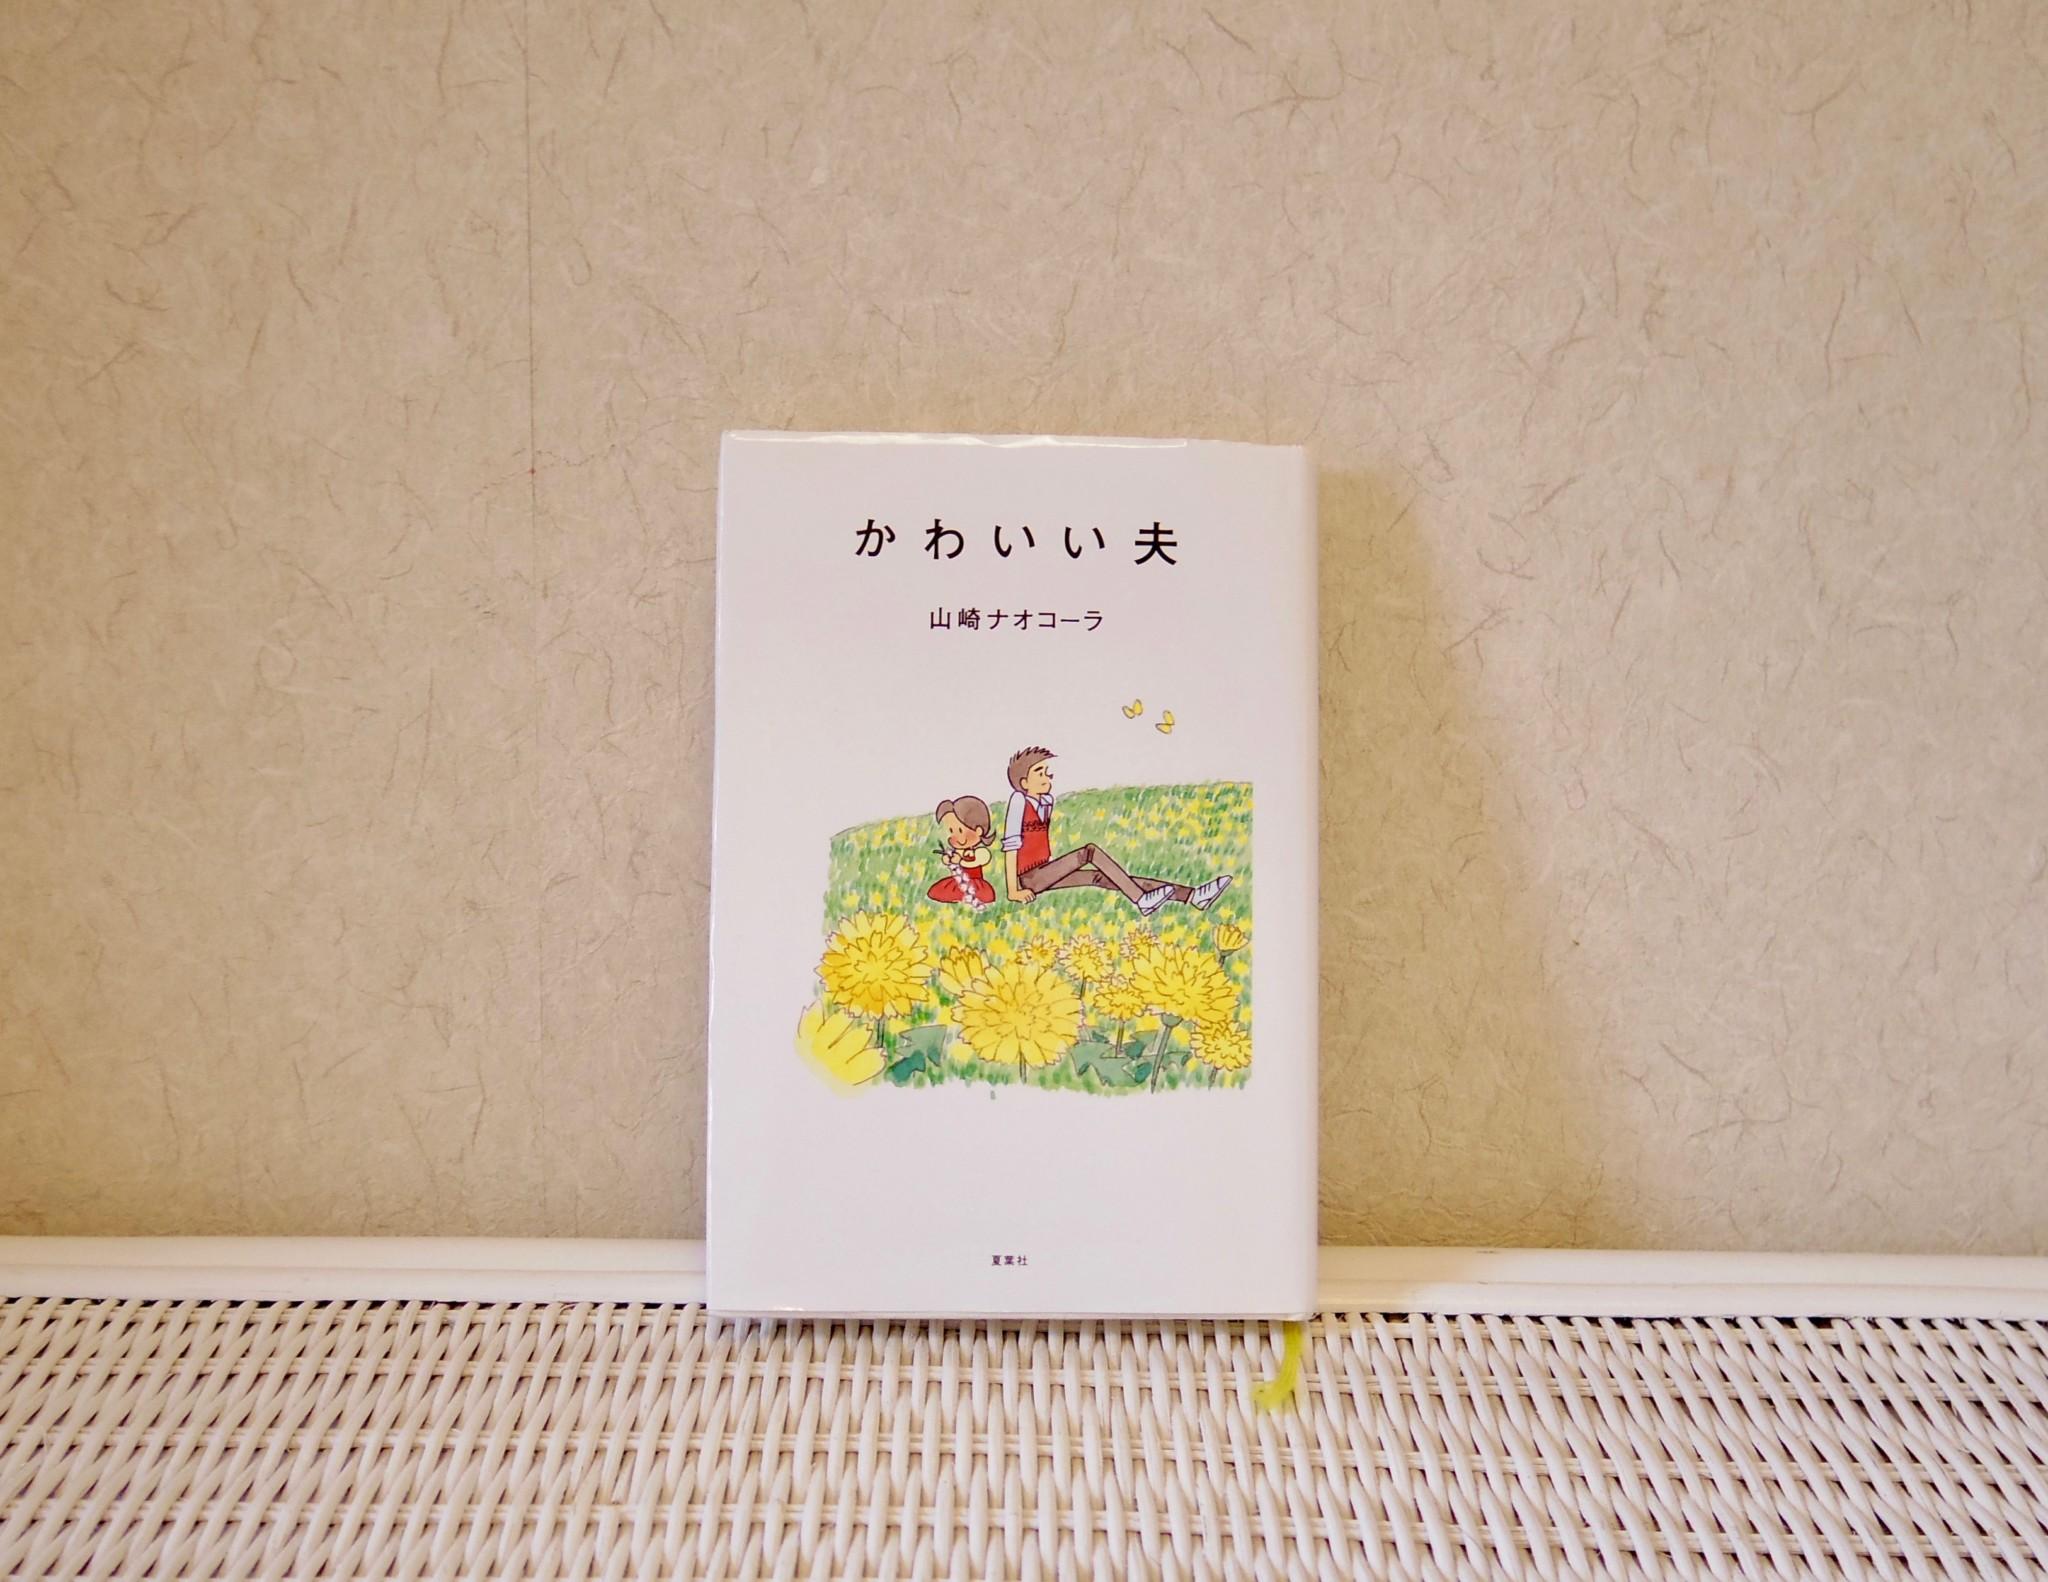 「ママの読書(山崎ナオコーラ)」